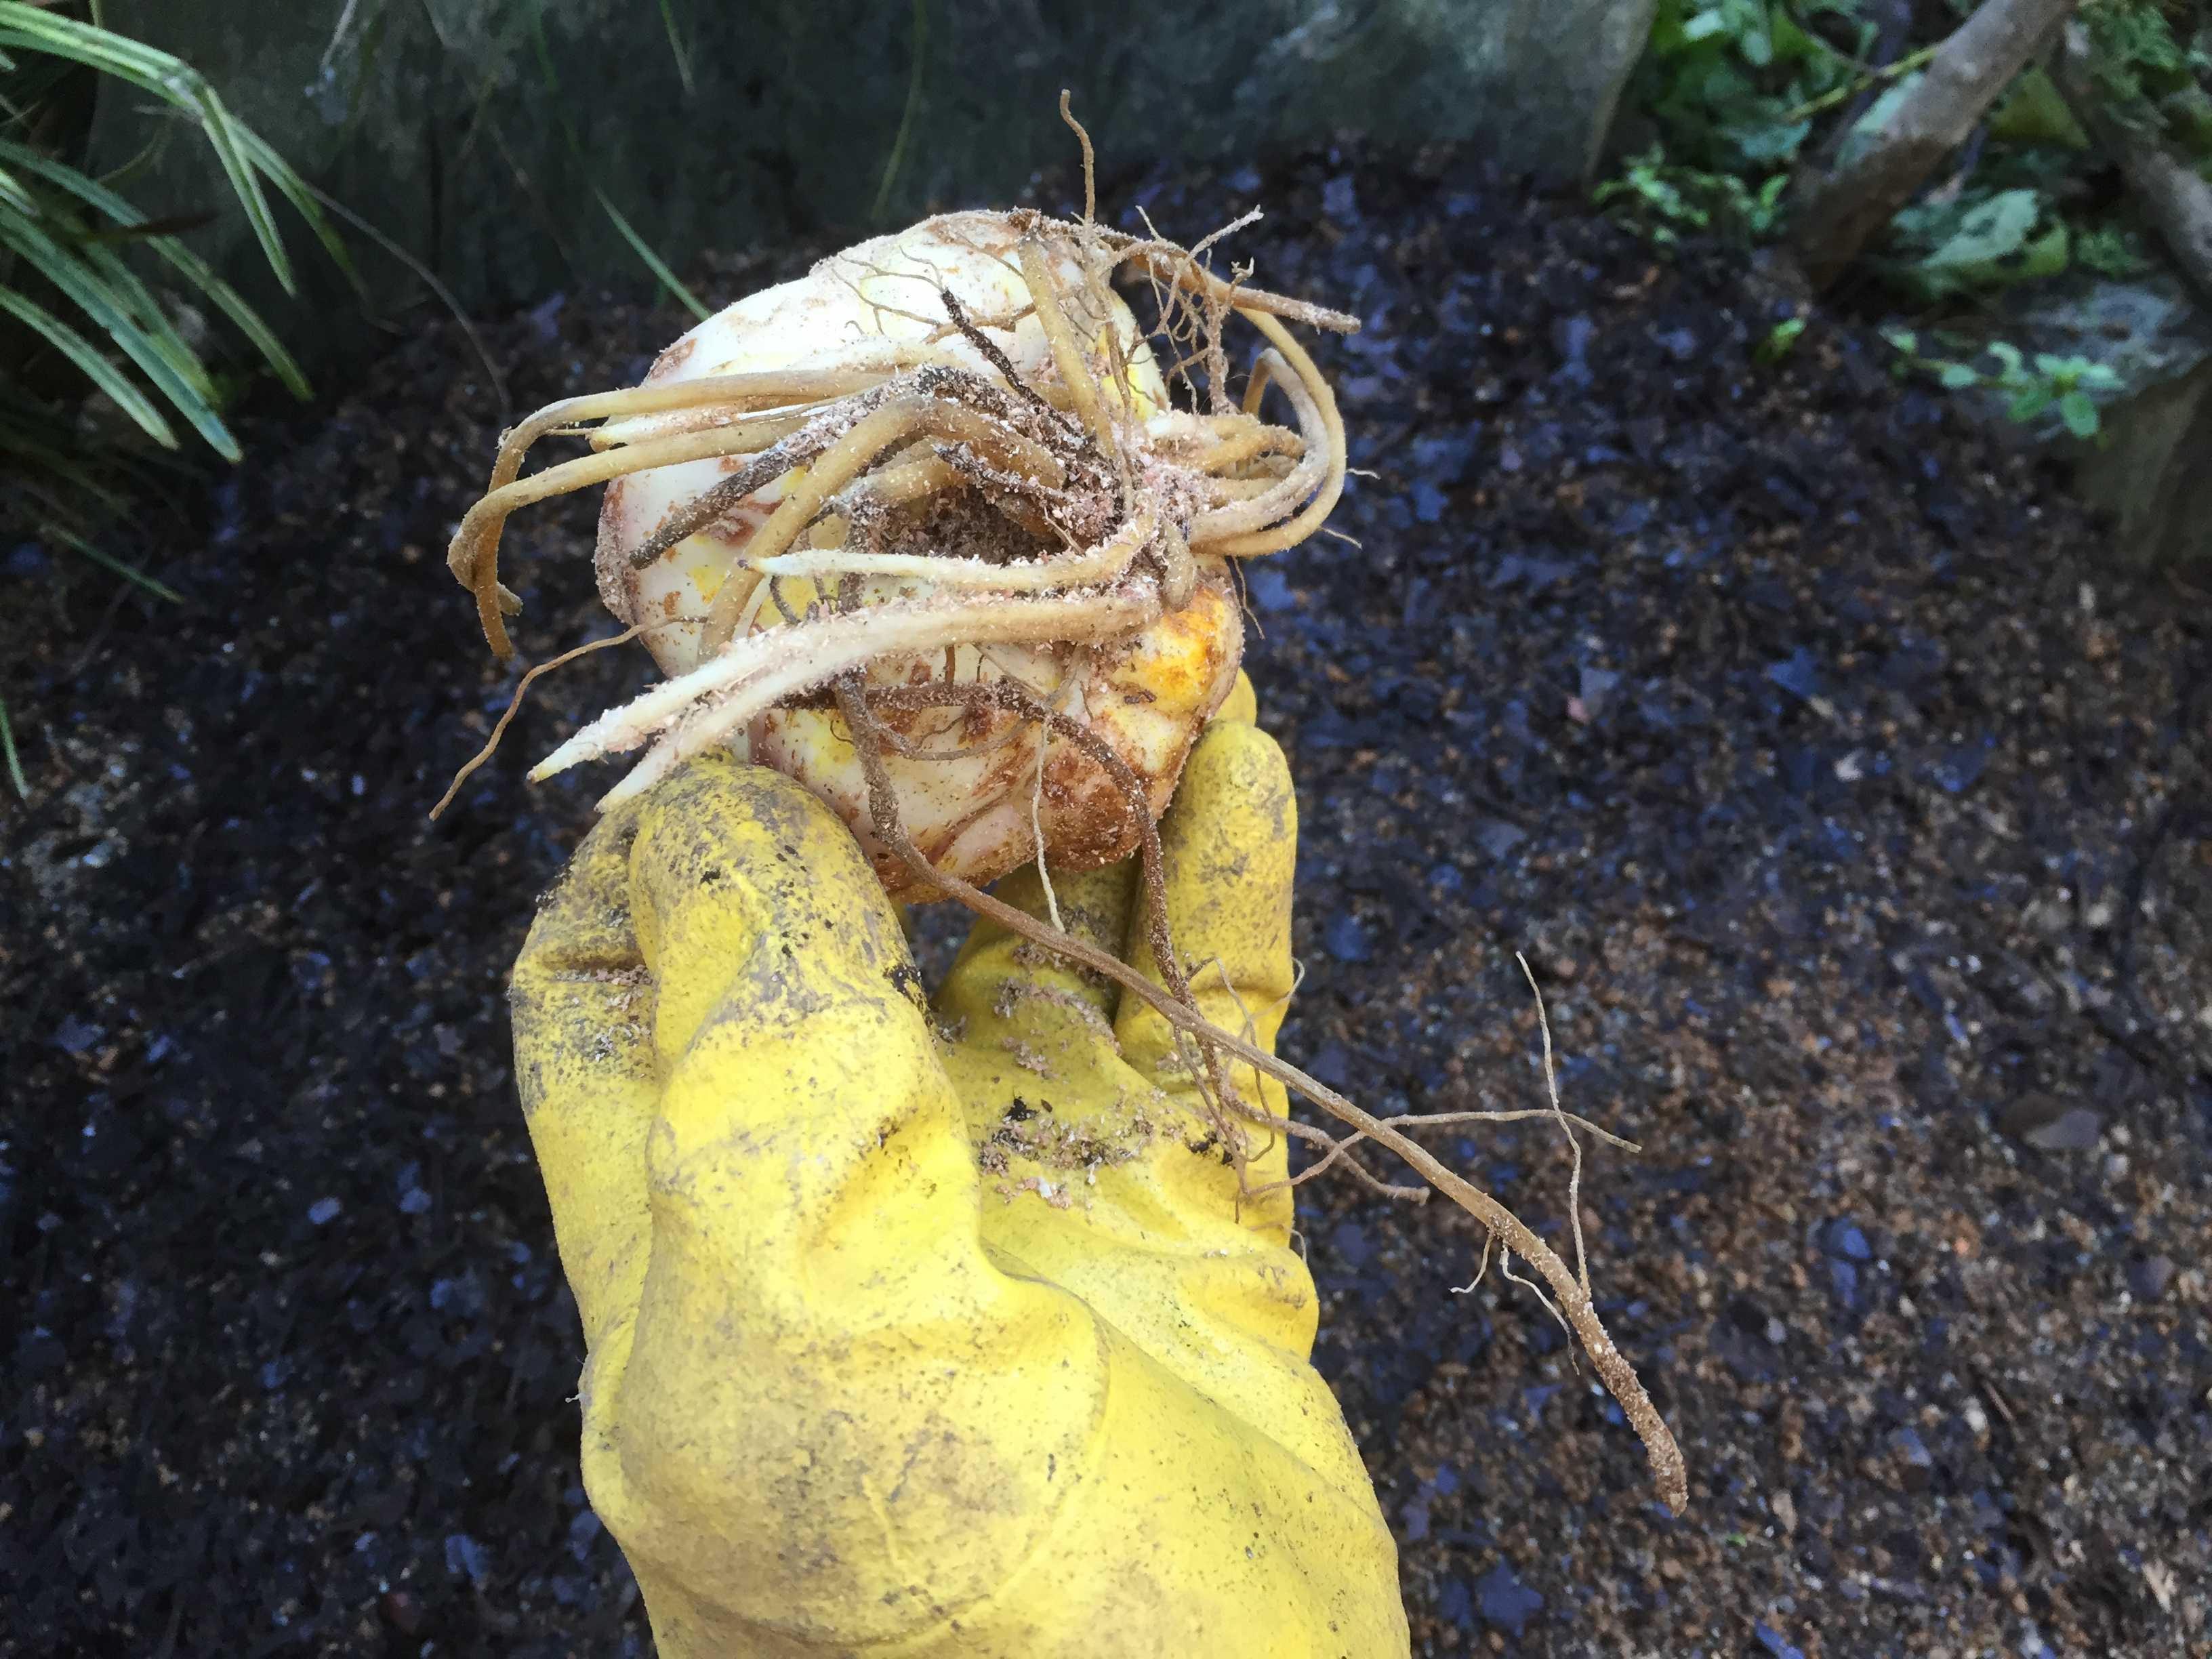 ヤマユリの球根植え付け - 特大球の球根の下根